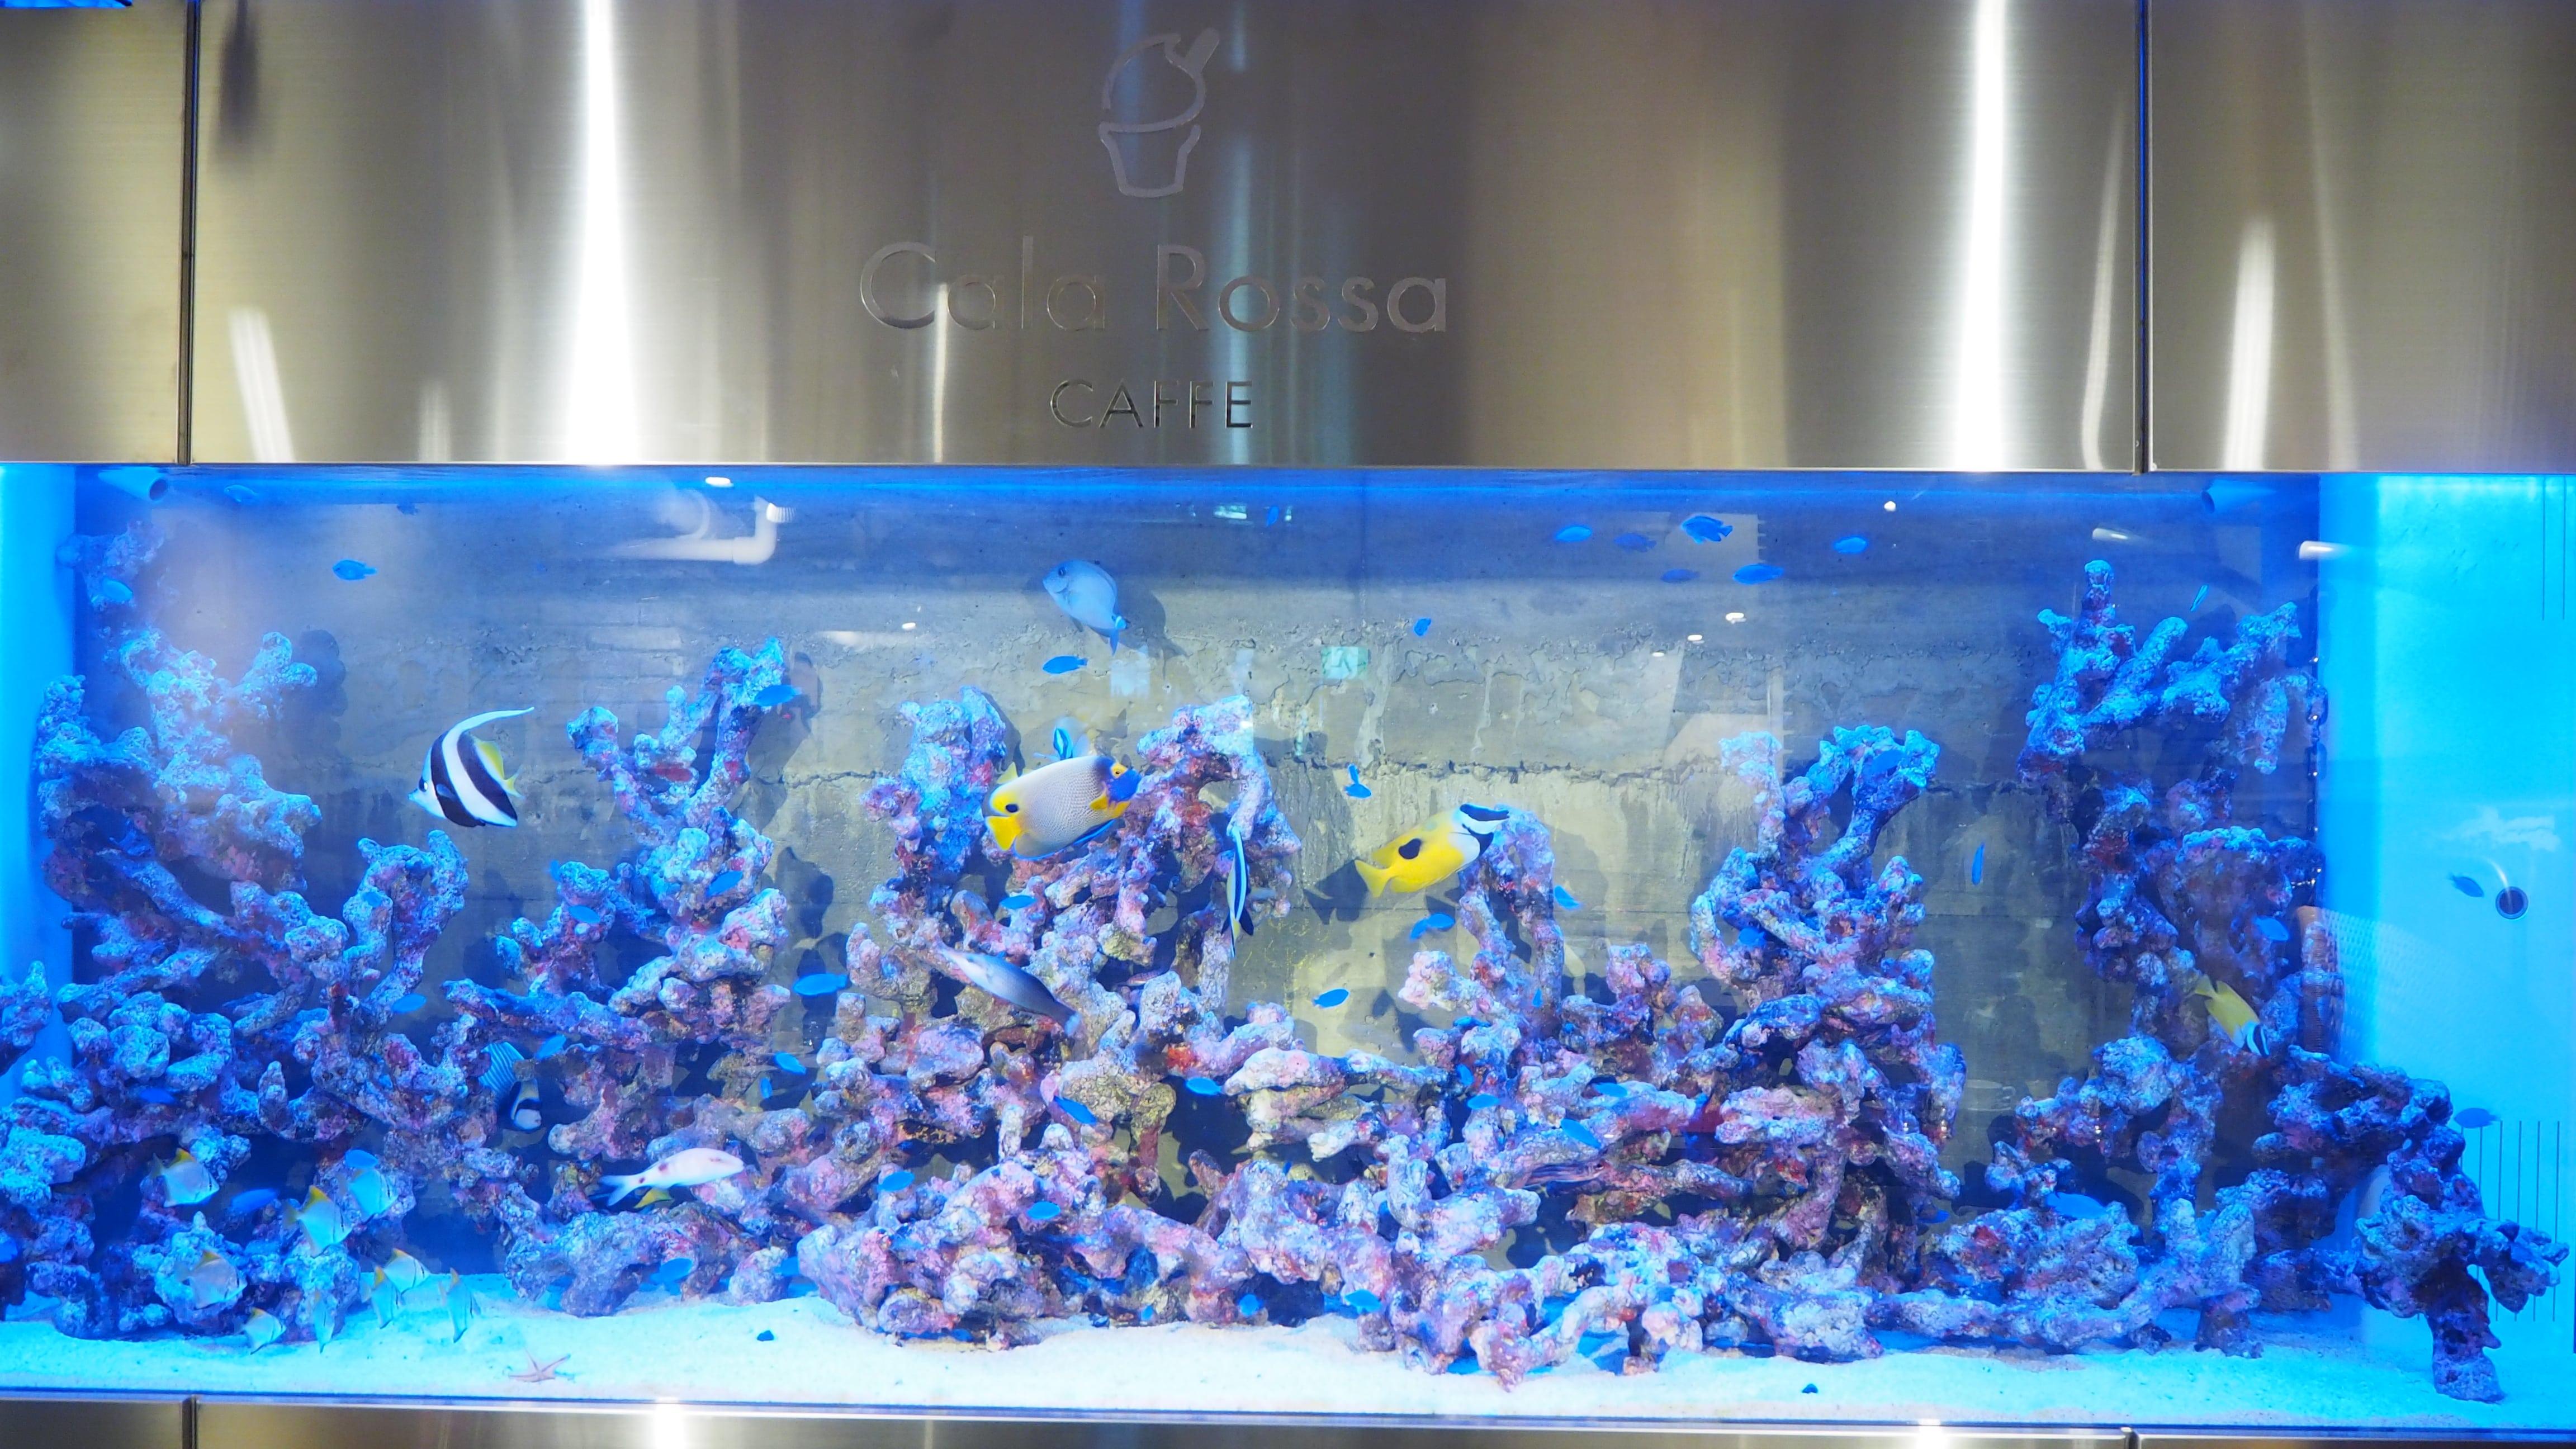 カラフルな熱帯魚があなたをお出迎え! カフェ「Cala Rossa」の贅沢なジェラート - P2100841 min